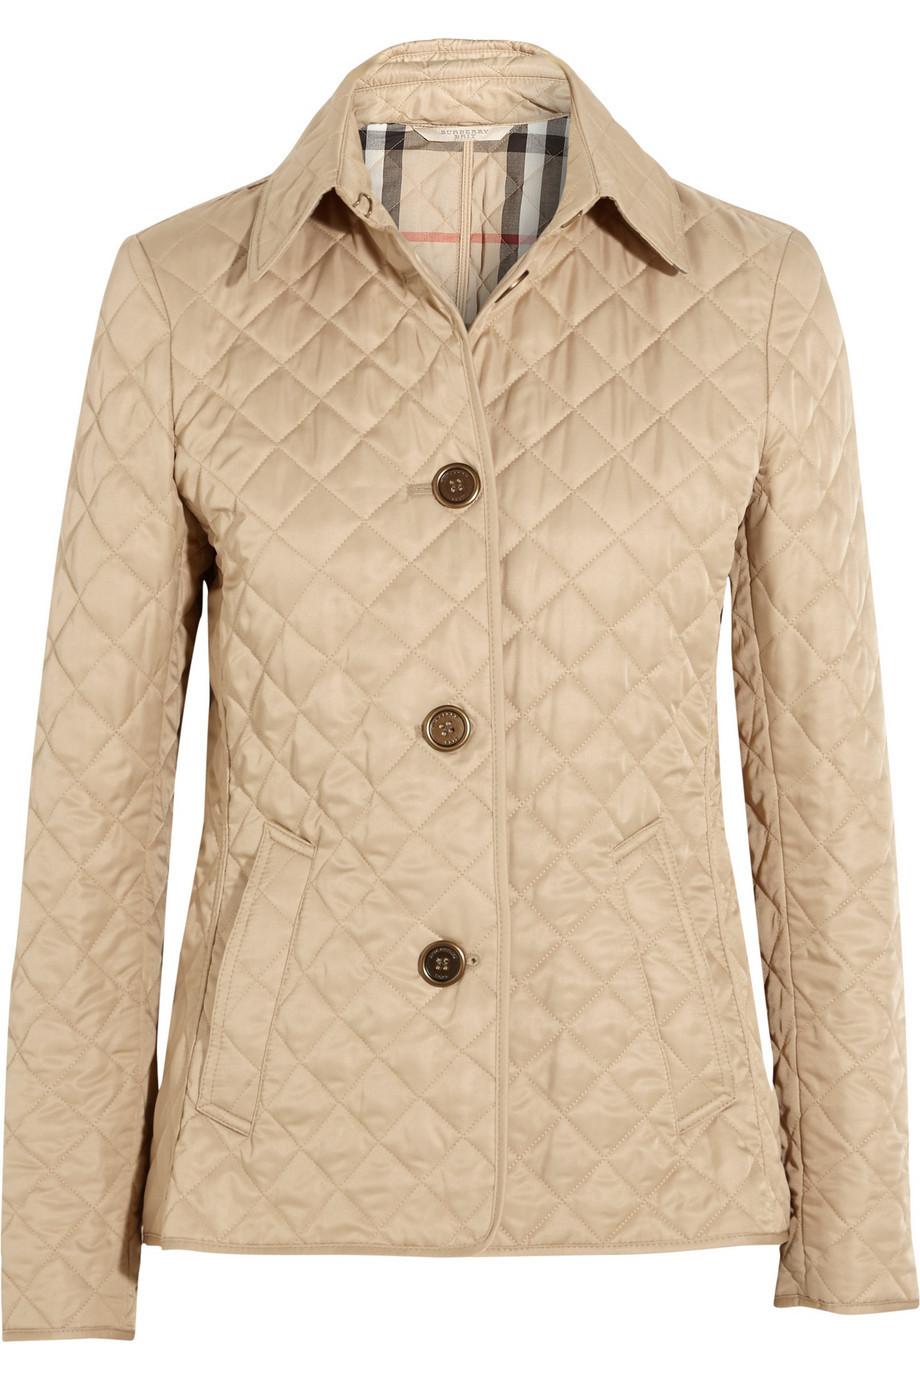 74fe31f2e64f Ganni Embroidered satin bomber jacket in beige / beige - Wheretoget